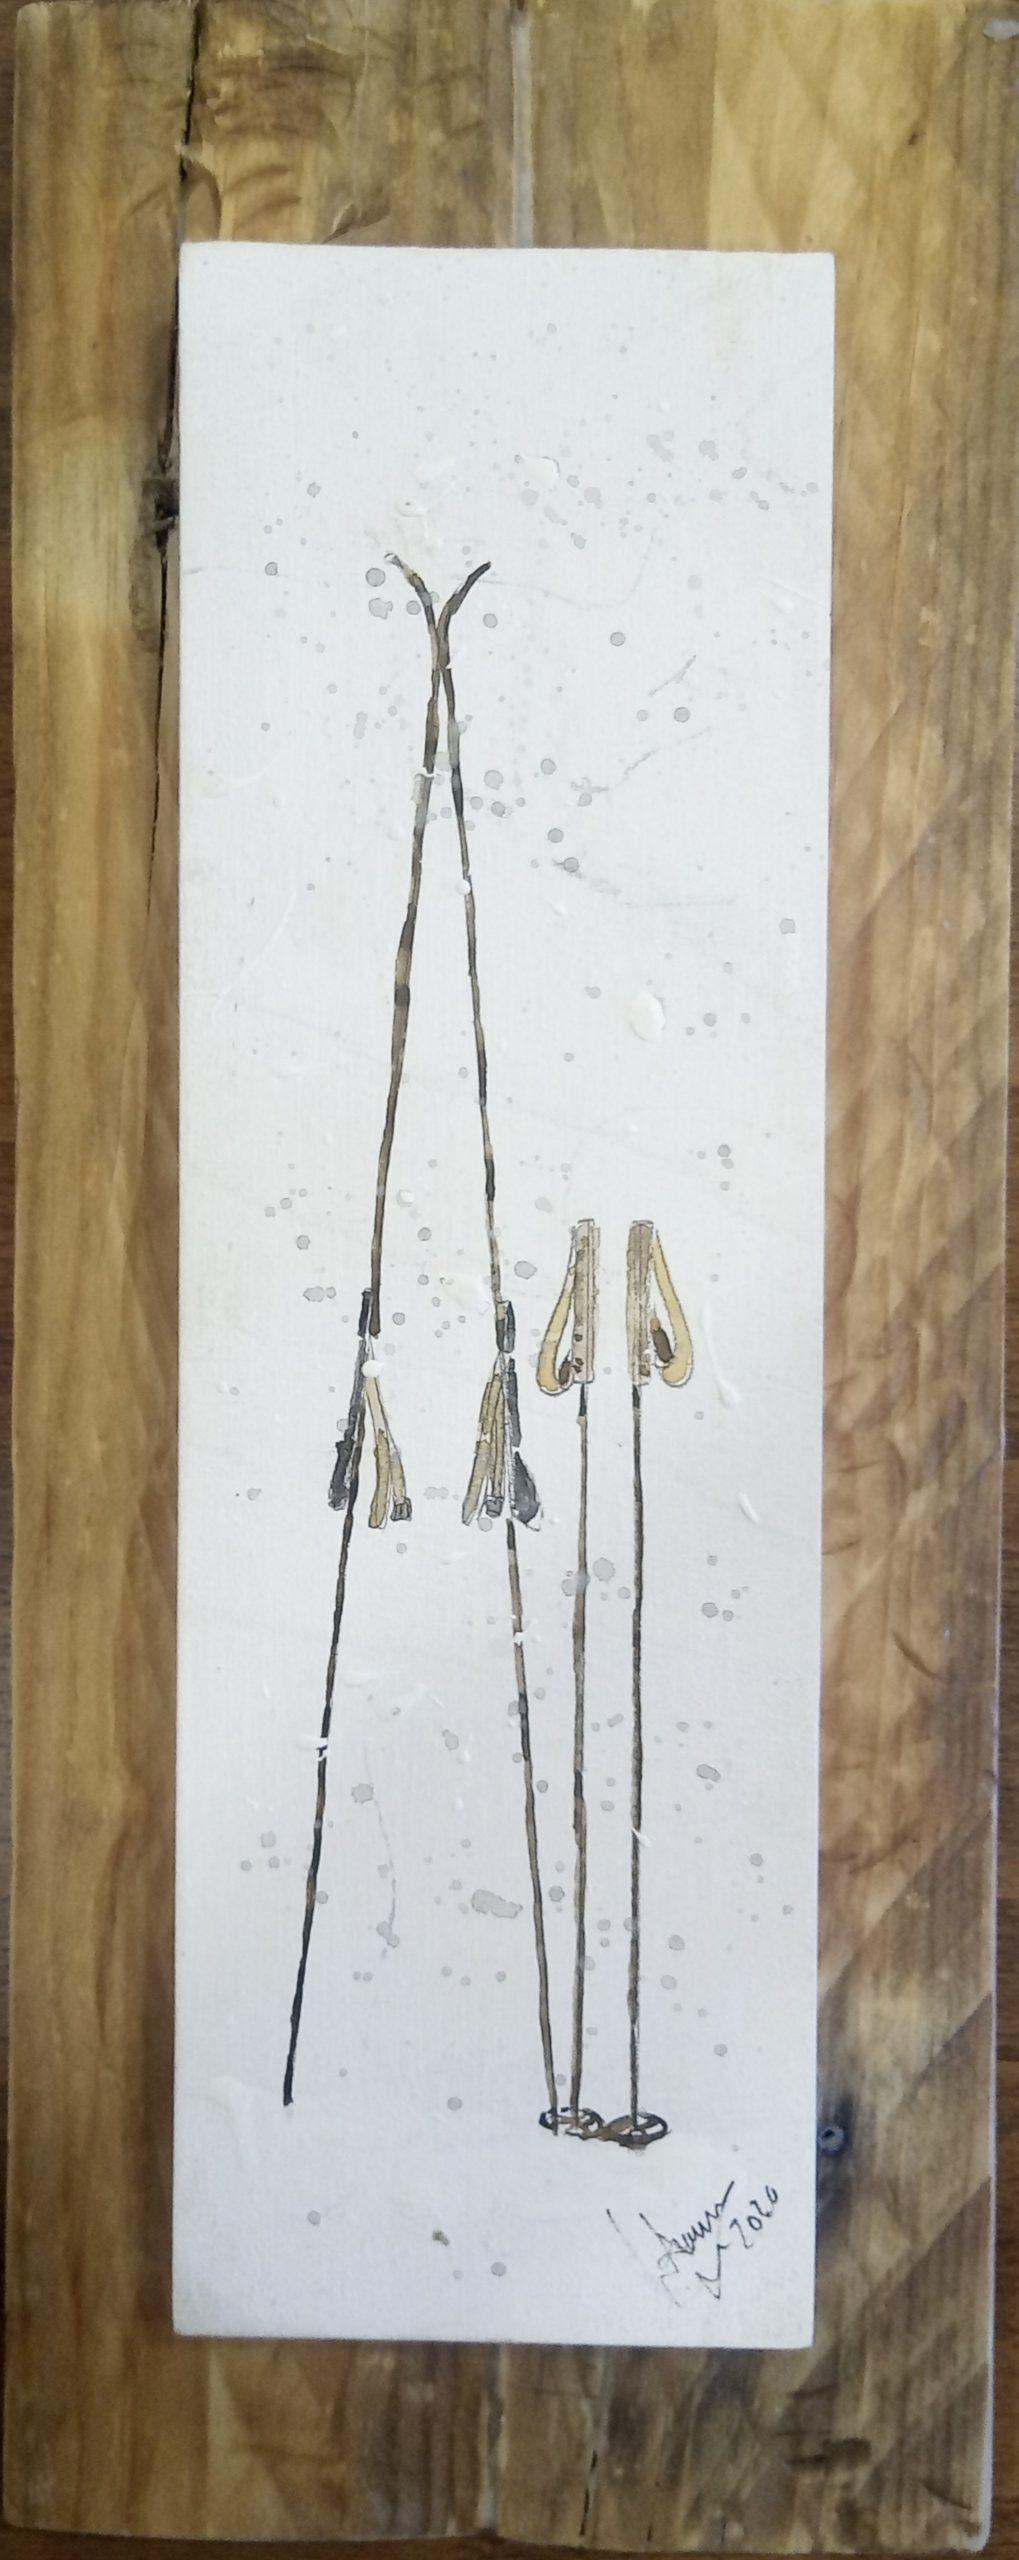 Acuarelas con acabados en madera